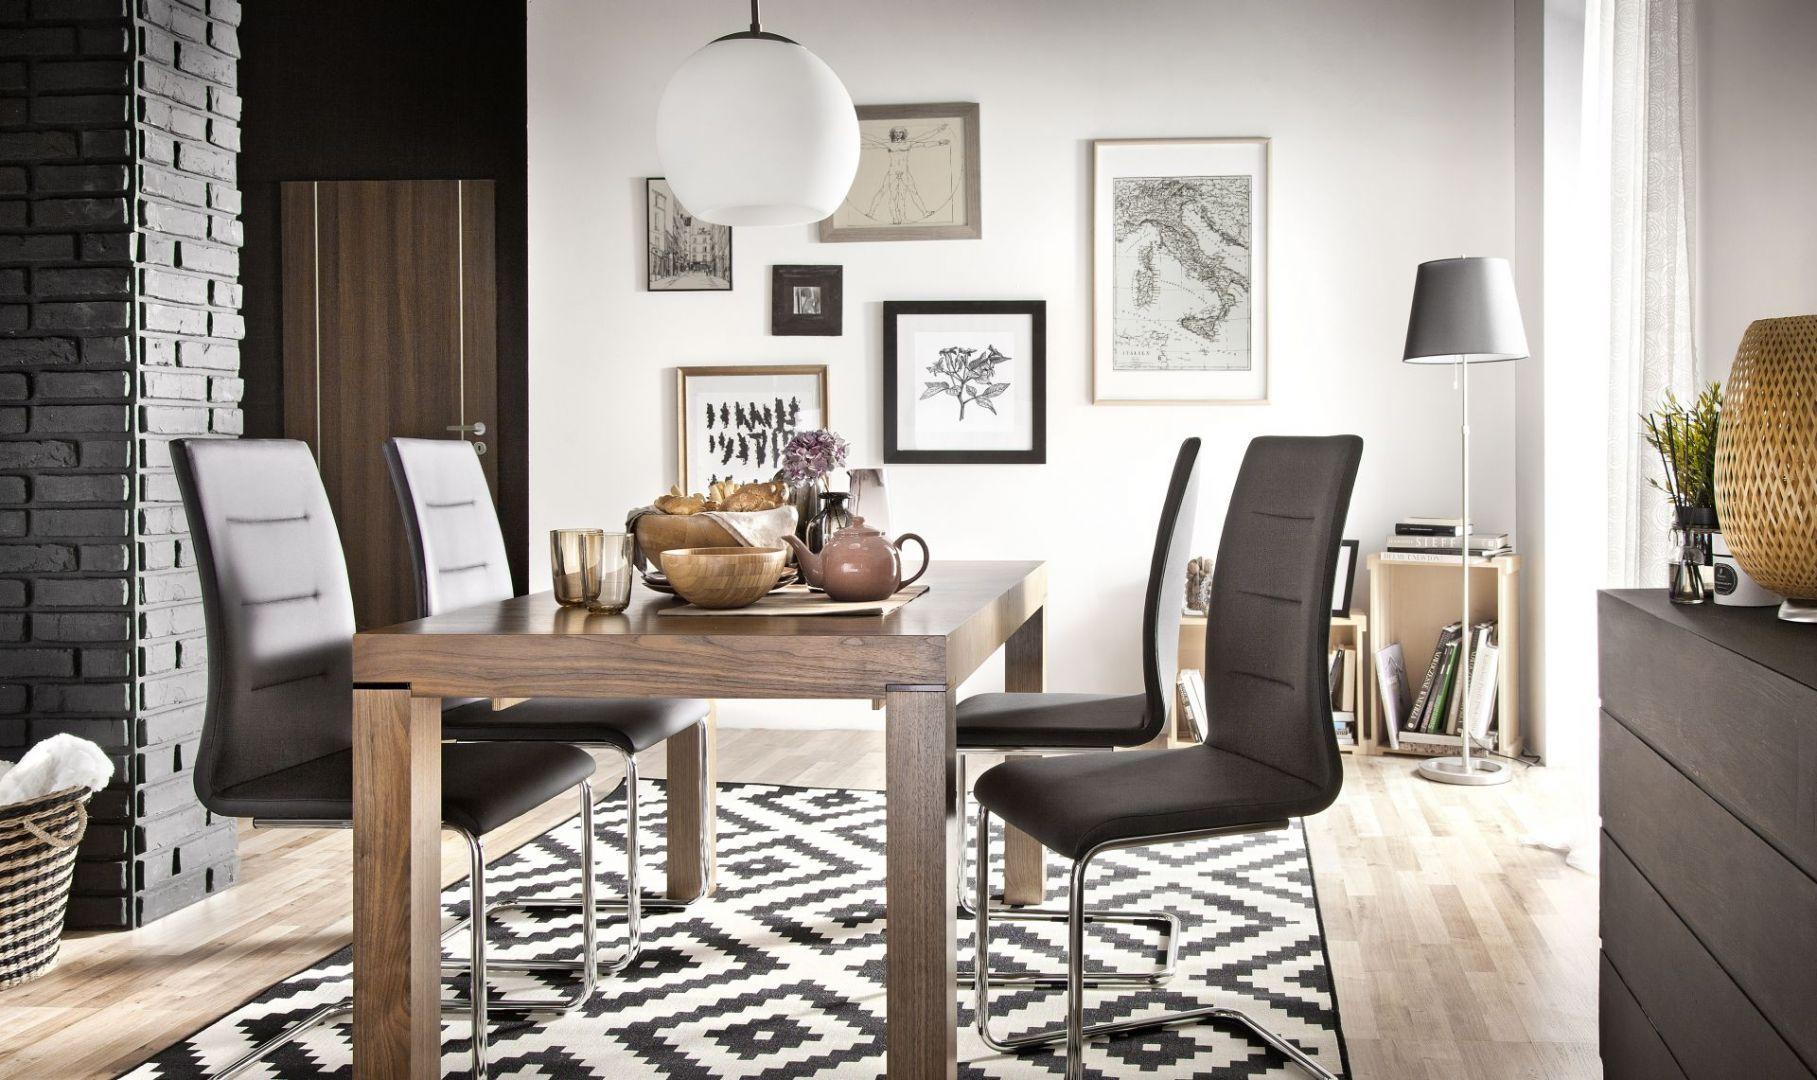 Paged model krzesła Keno 2 zaprezentował po raz pierwszy z okazji targów Meble Polska w Poznaniu. Latem tego roku krzesło weszło do produkcji i jest dostępne w sprzedaży w całej Polsce. Fot. Paged Meble